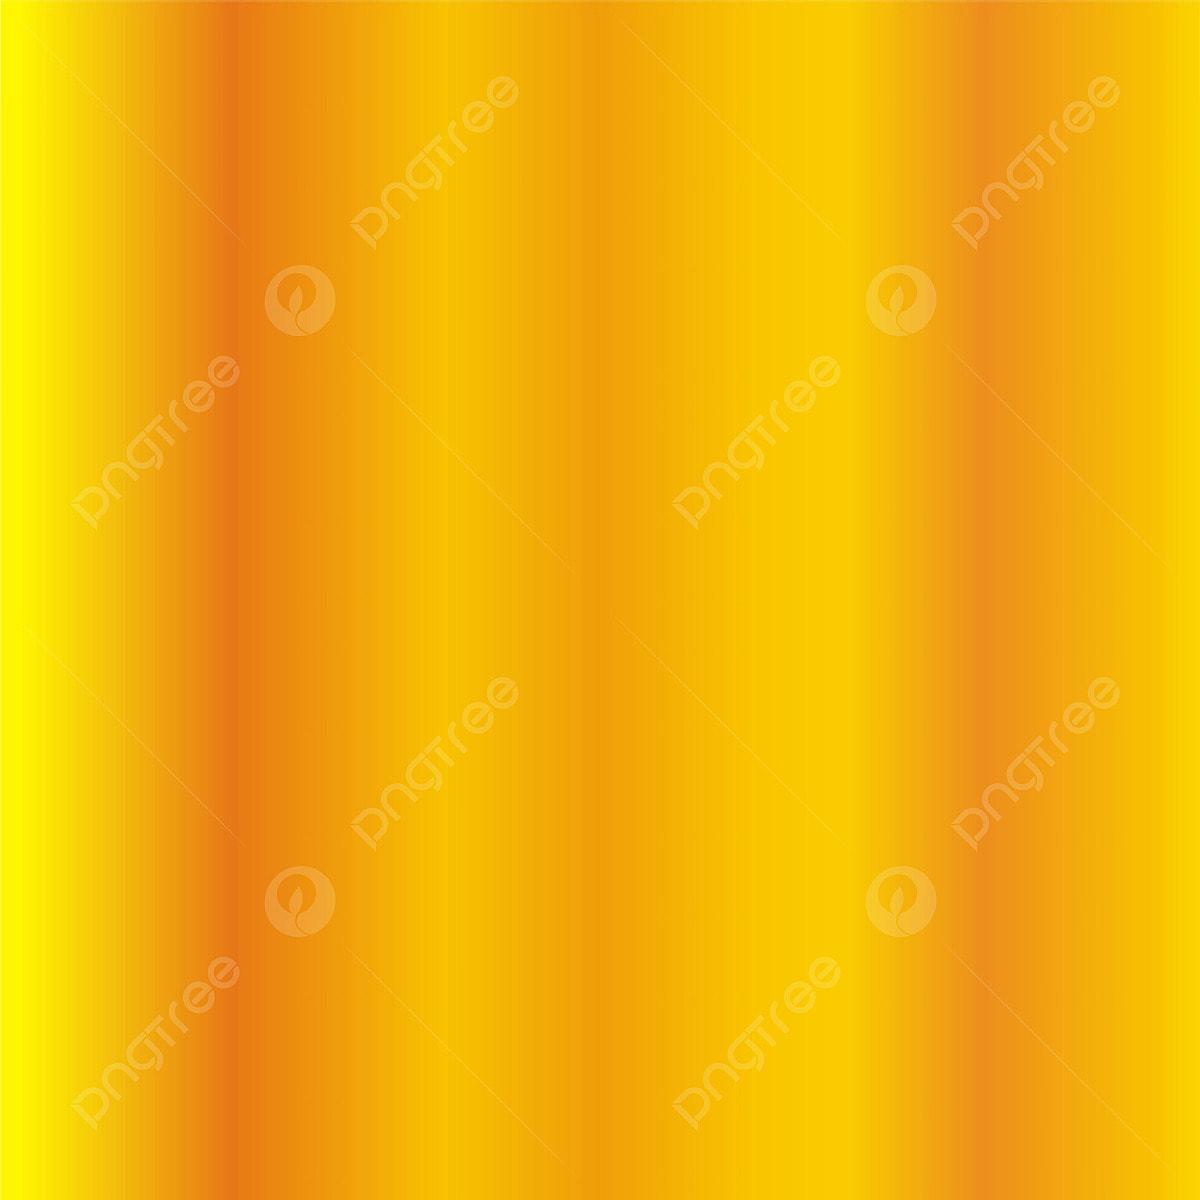 黄色の壁紙ベクトル設計 黄色の背景には ベクトルの背景 背景画像